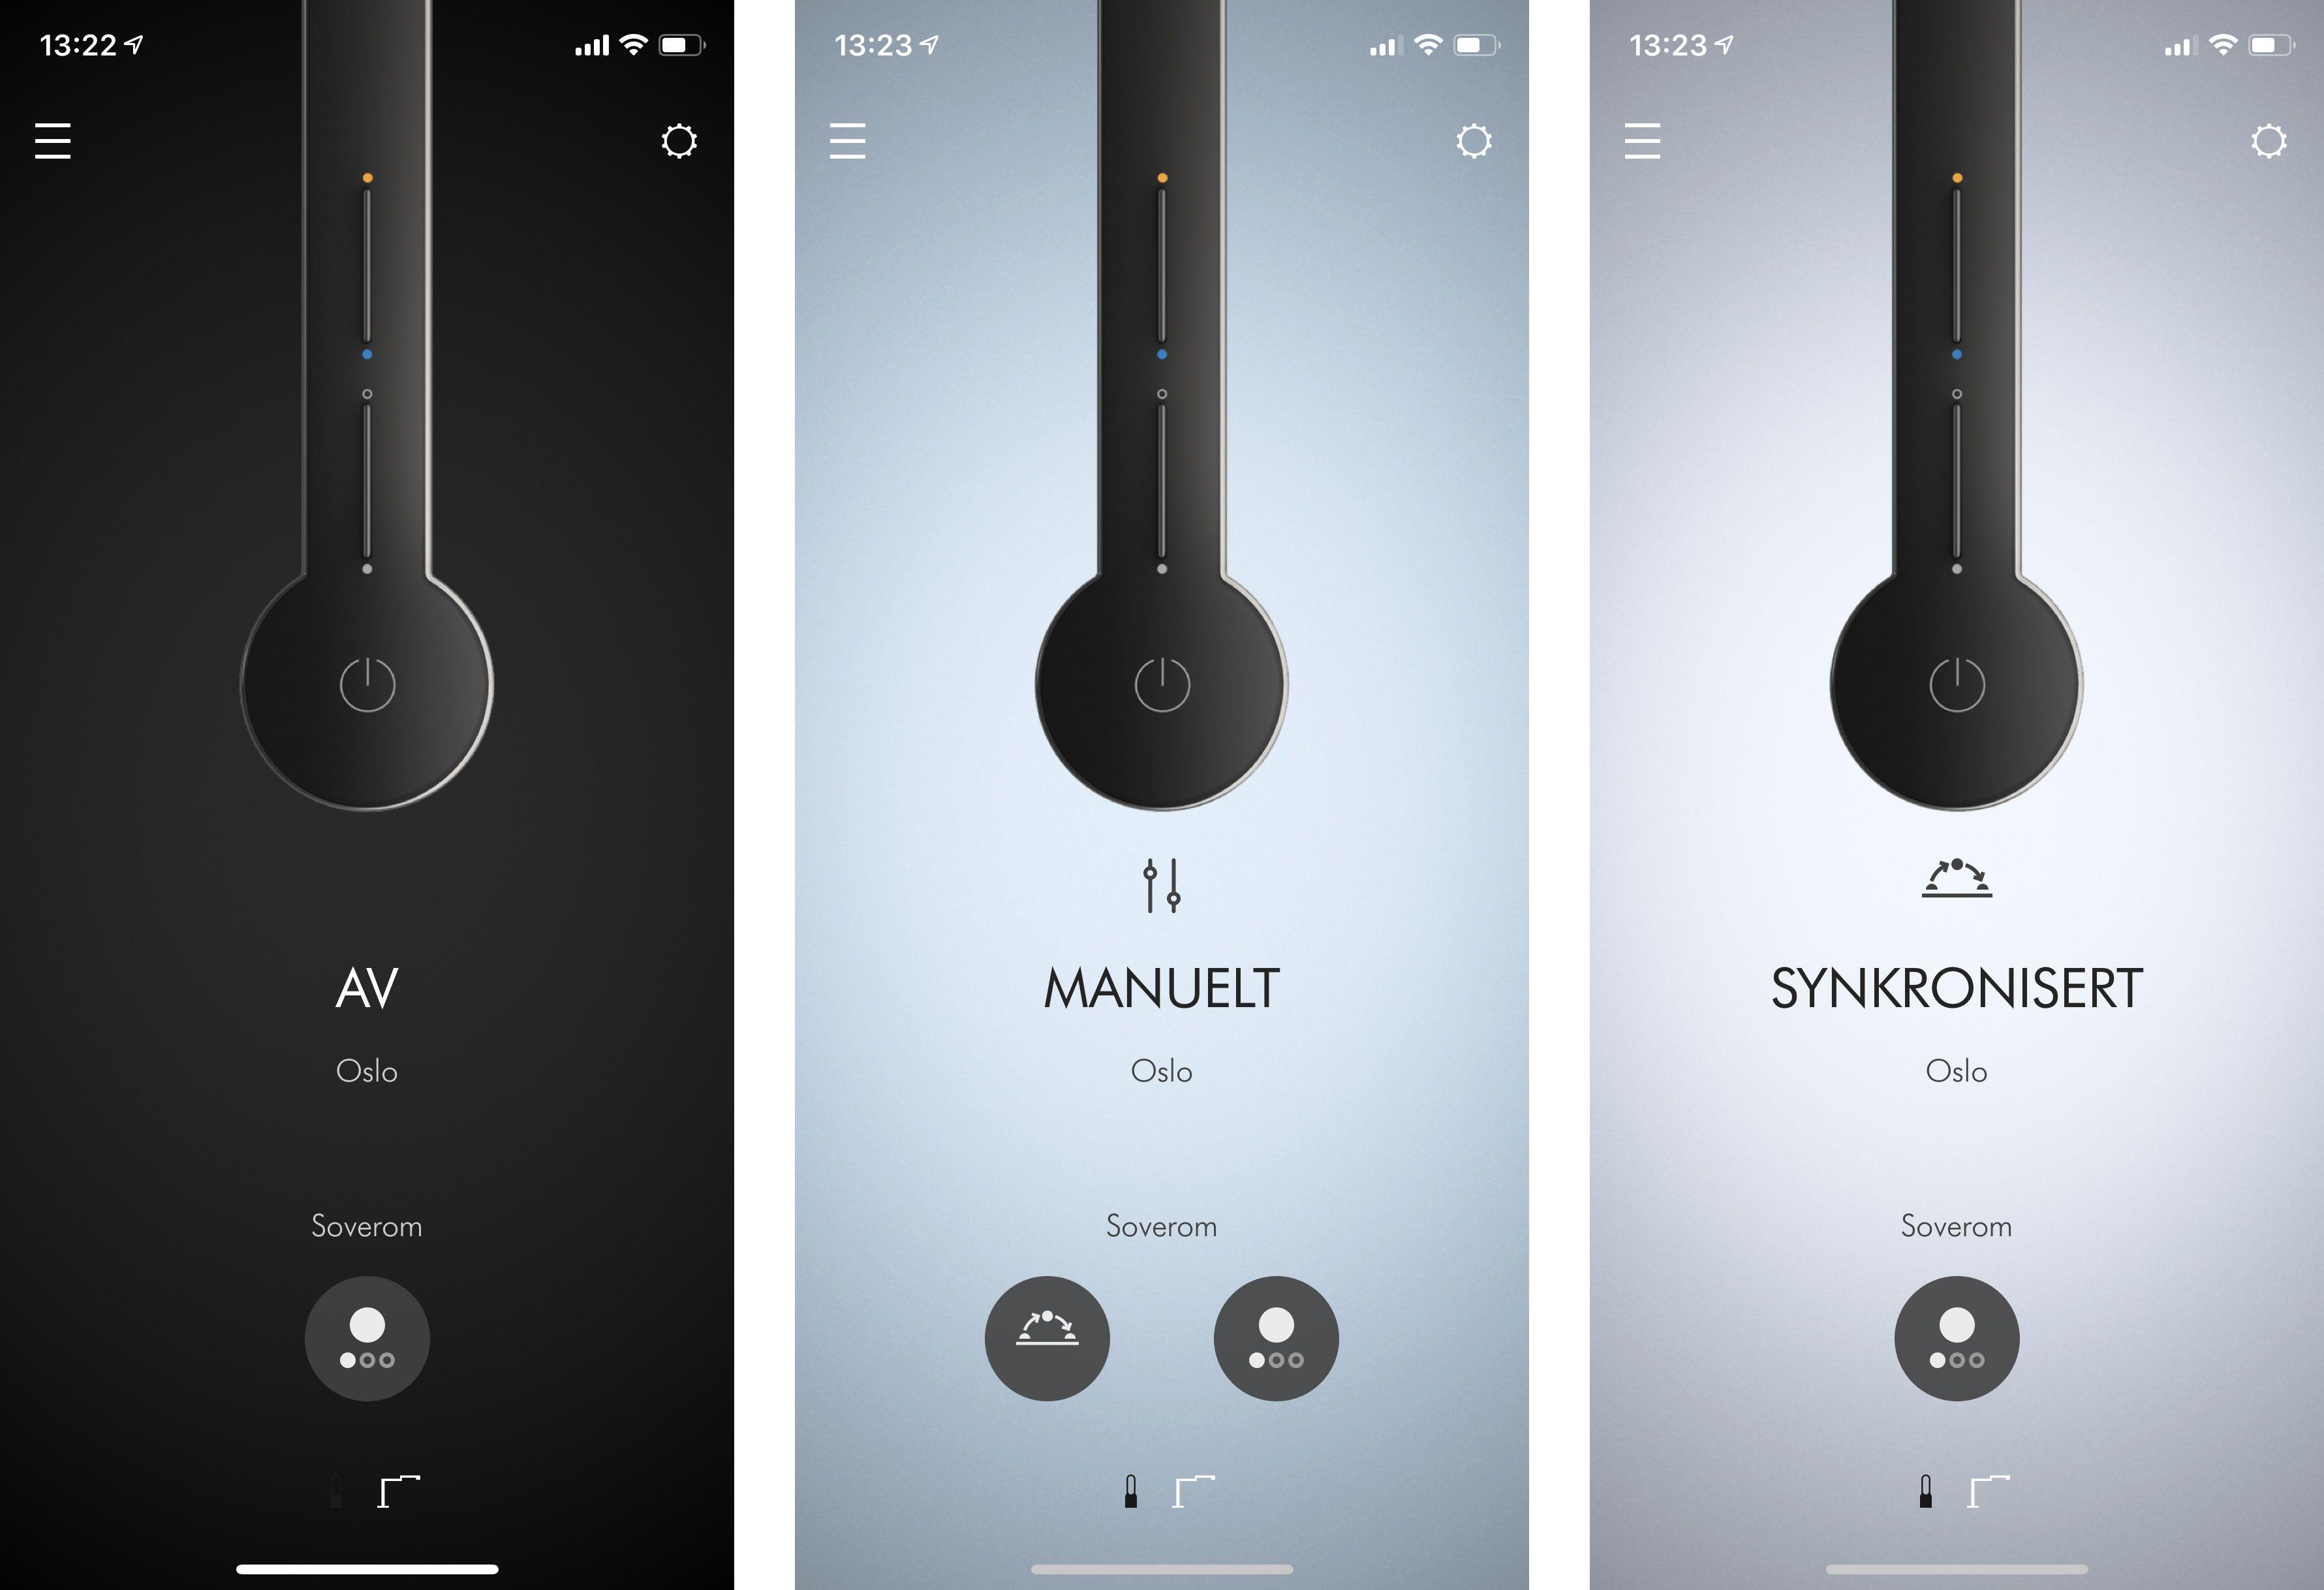 I appen kan du naturligvis skru av og på lampen, men også justere haugevis av forskjellige funksjoner.